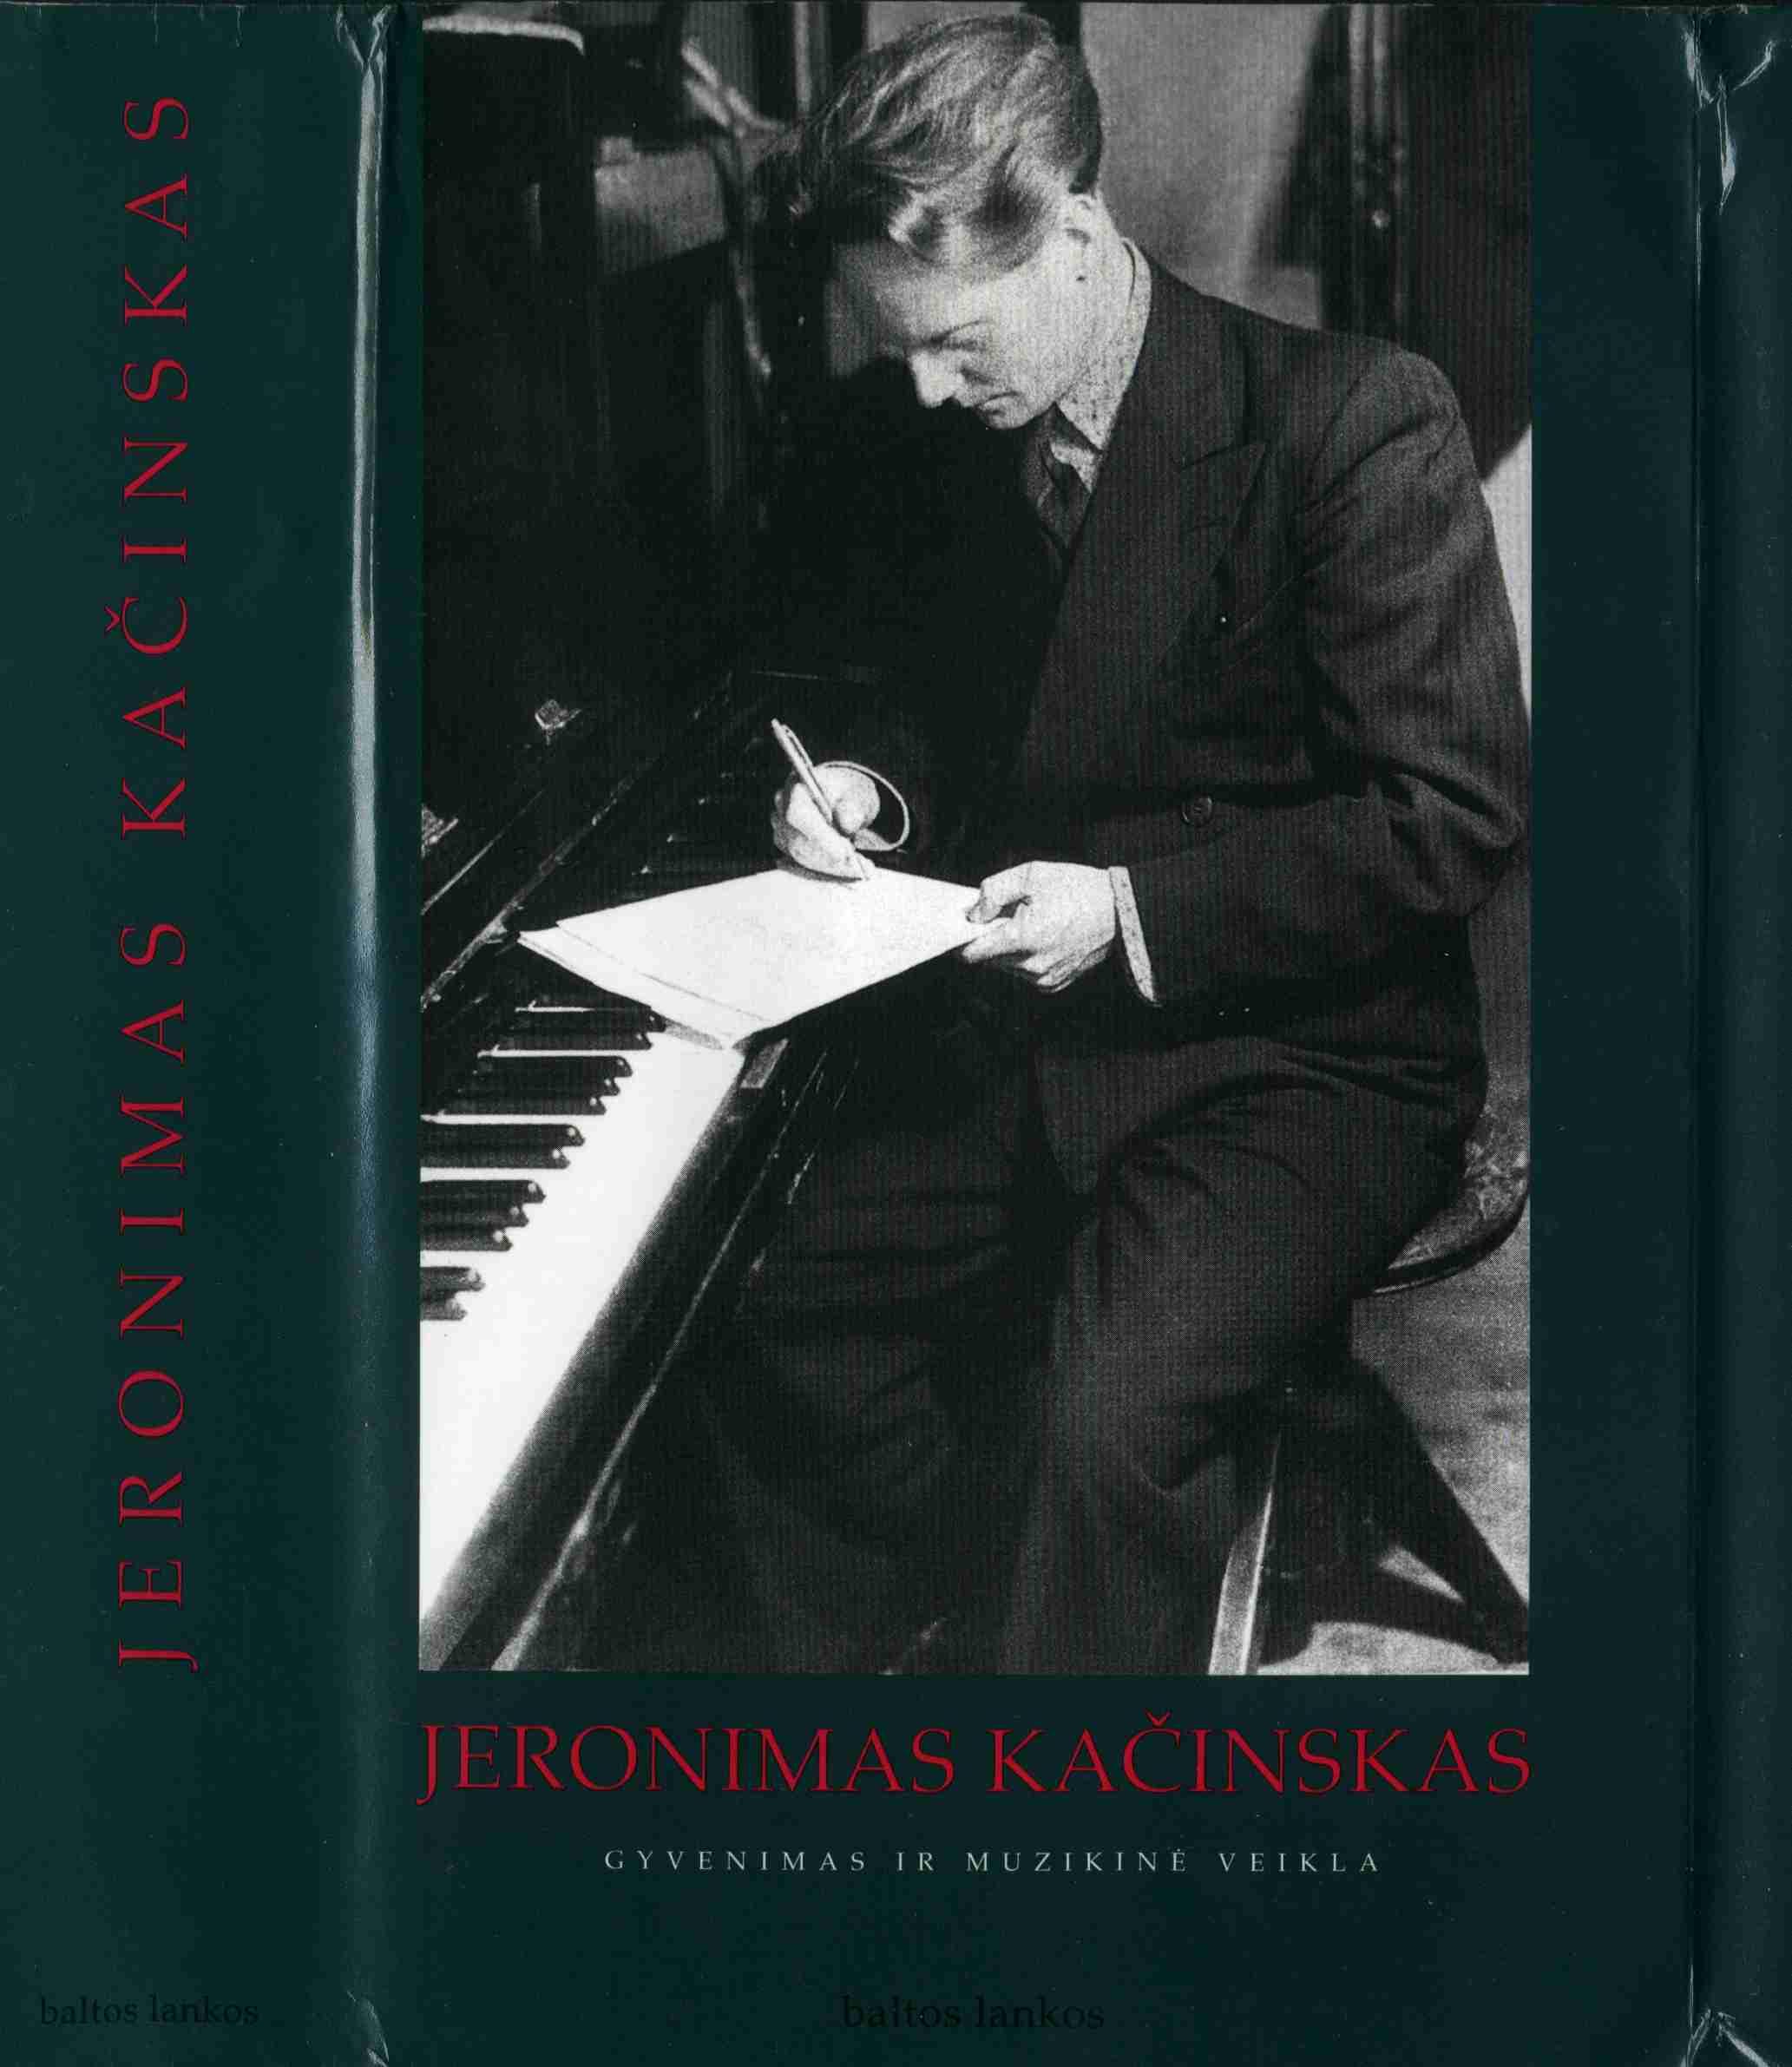 The Works of Jeronimas Kacinskas